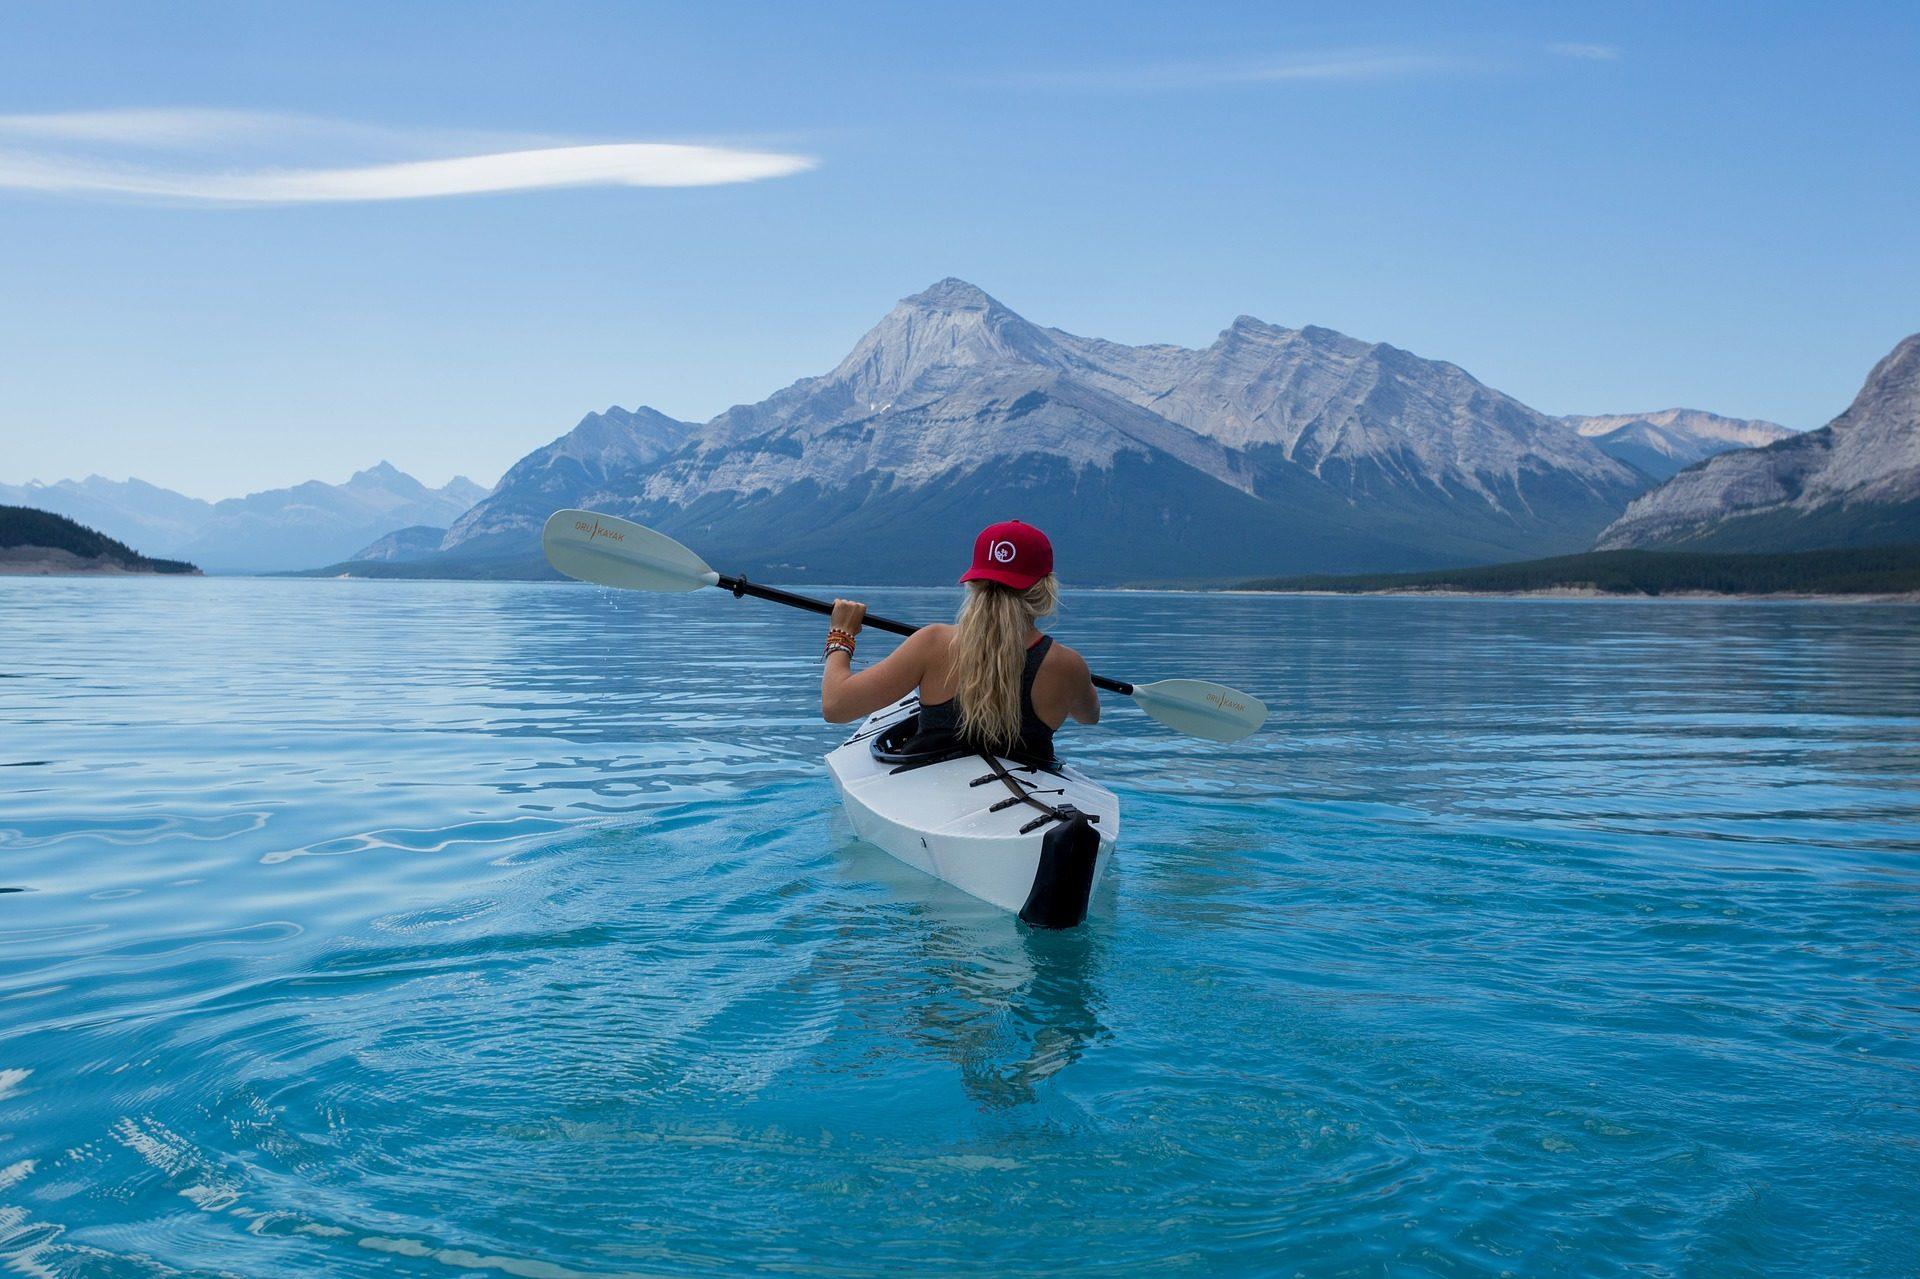 mulher, Caiaque, Lago, remos, montanhas - Papéis de parede HD - Professor-falken.com